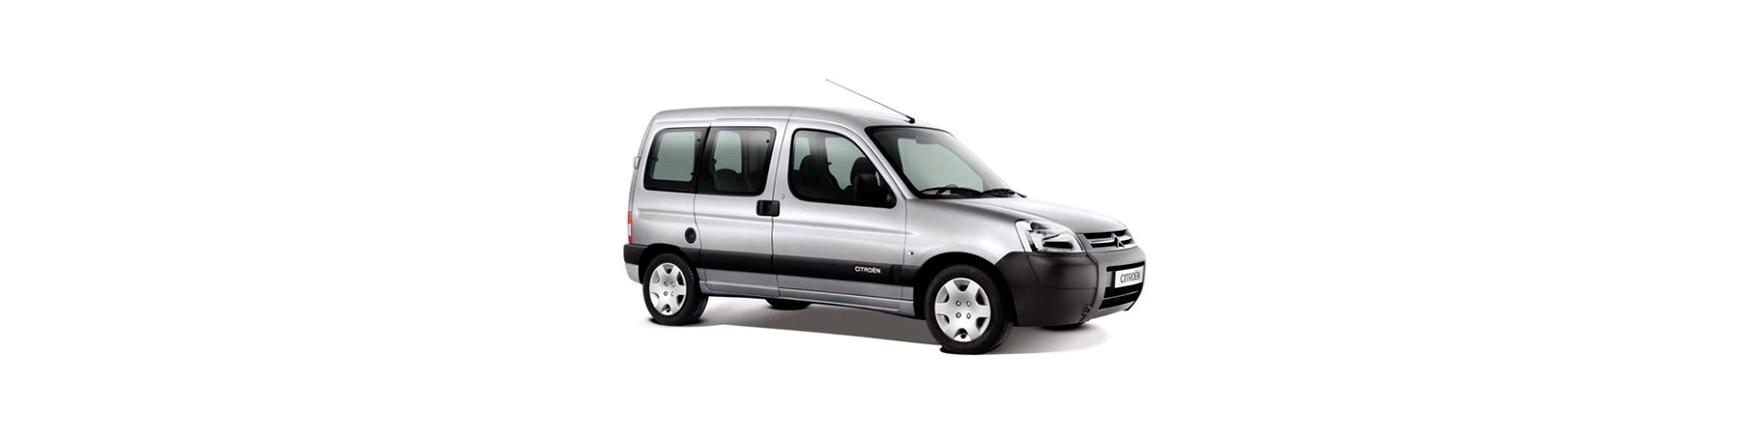 Recambios de Citroën Berlingo de 2002 a 2008 al mejor precio con envío